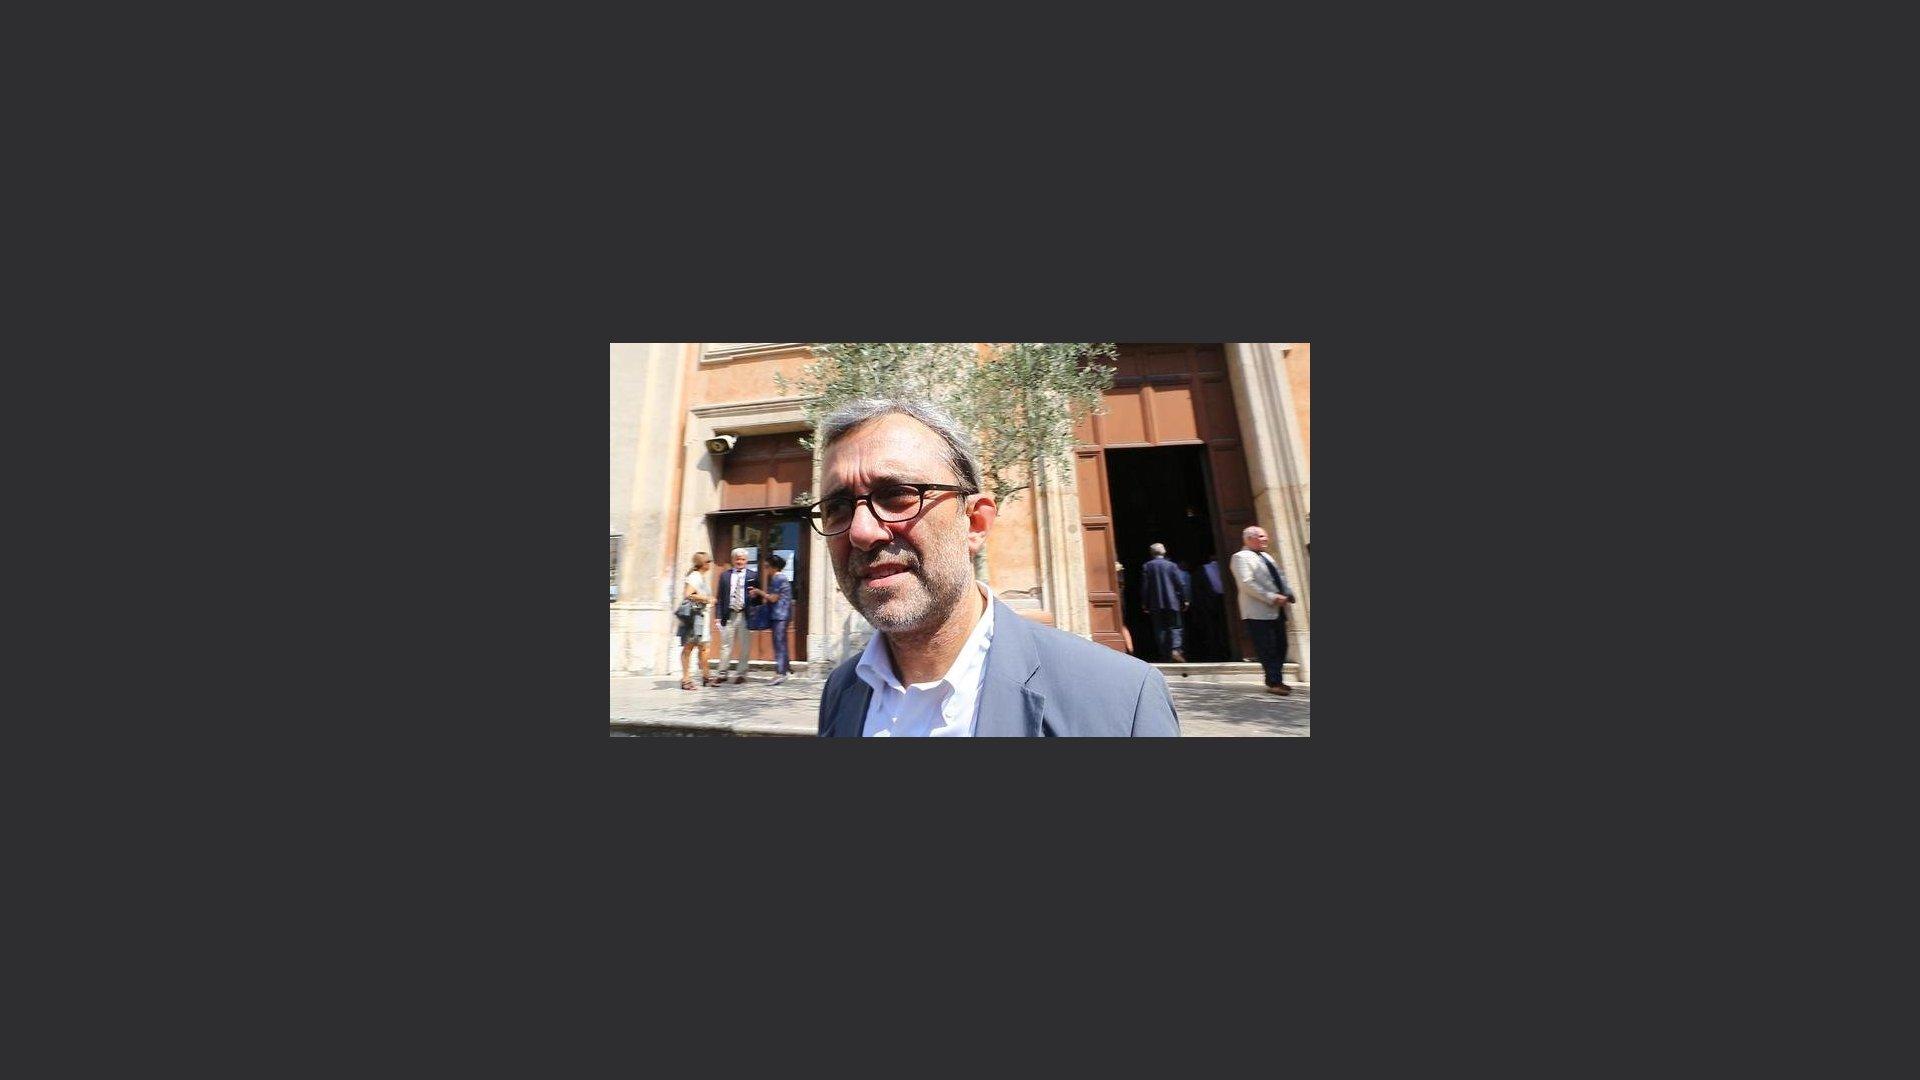 Radio radicale oggi scade la convenzione giachetti for Diretta radio radicale tv